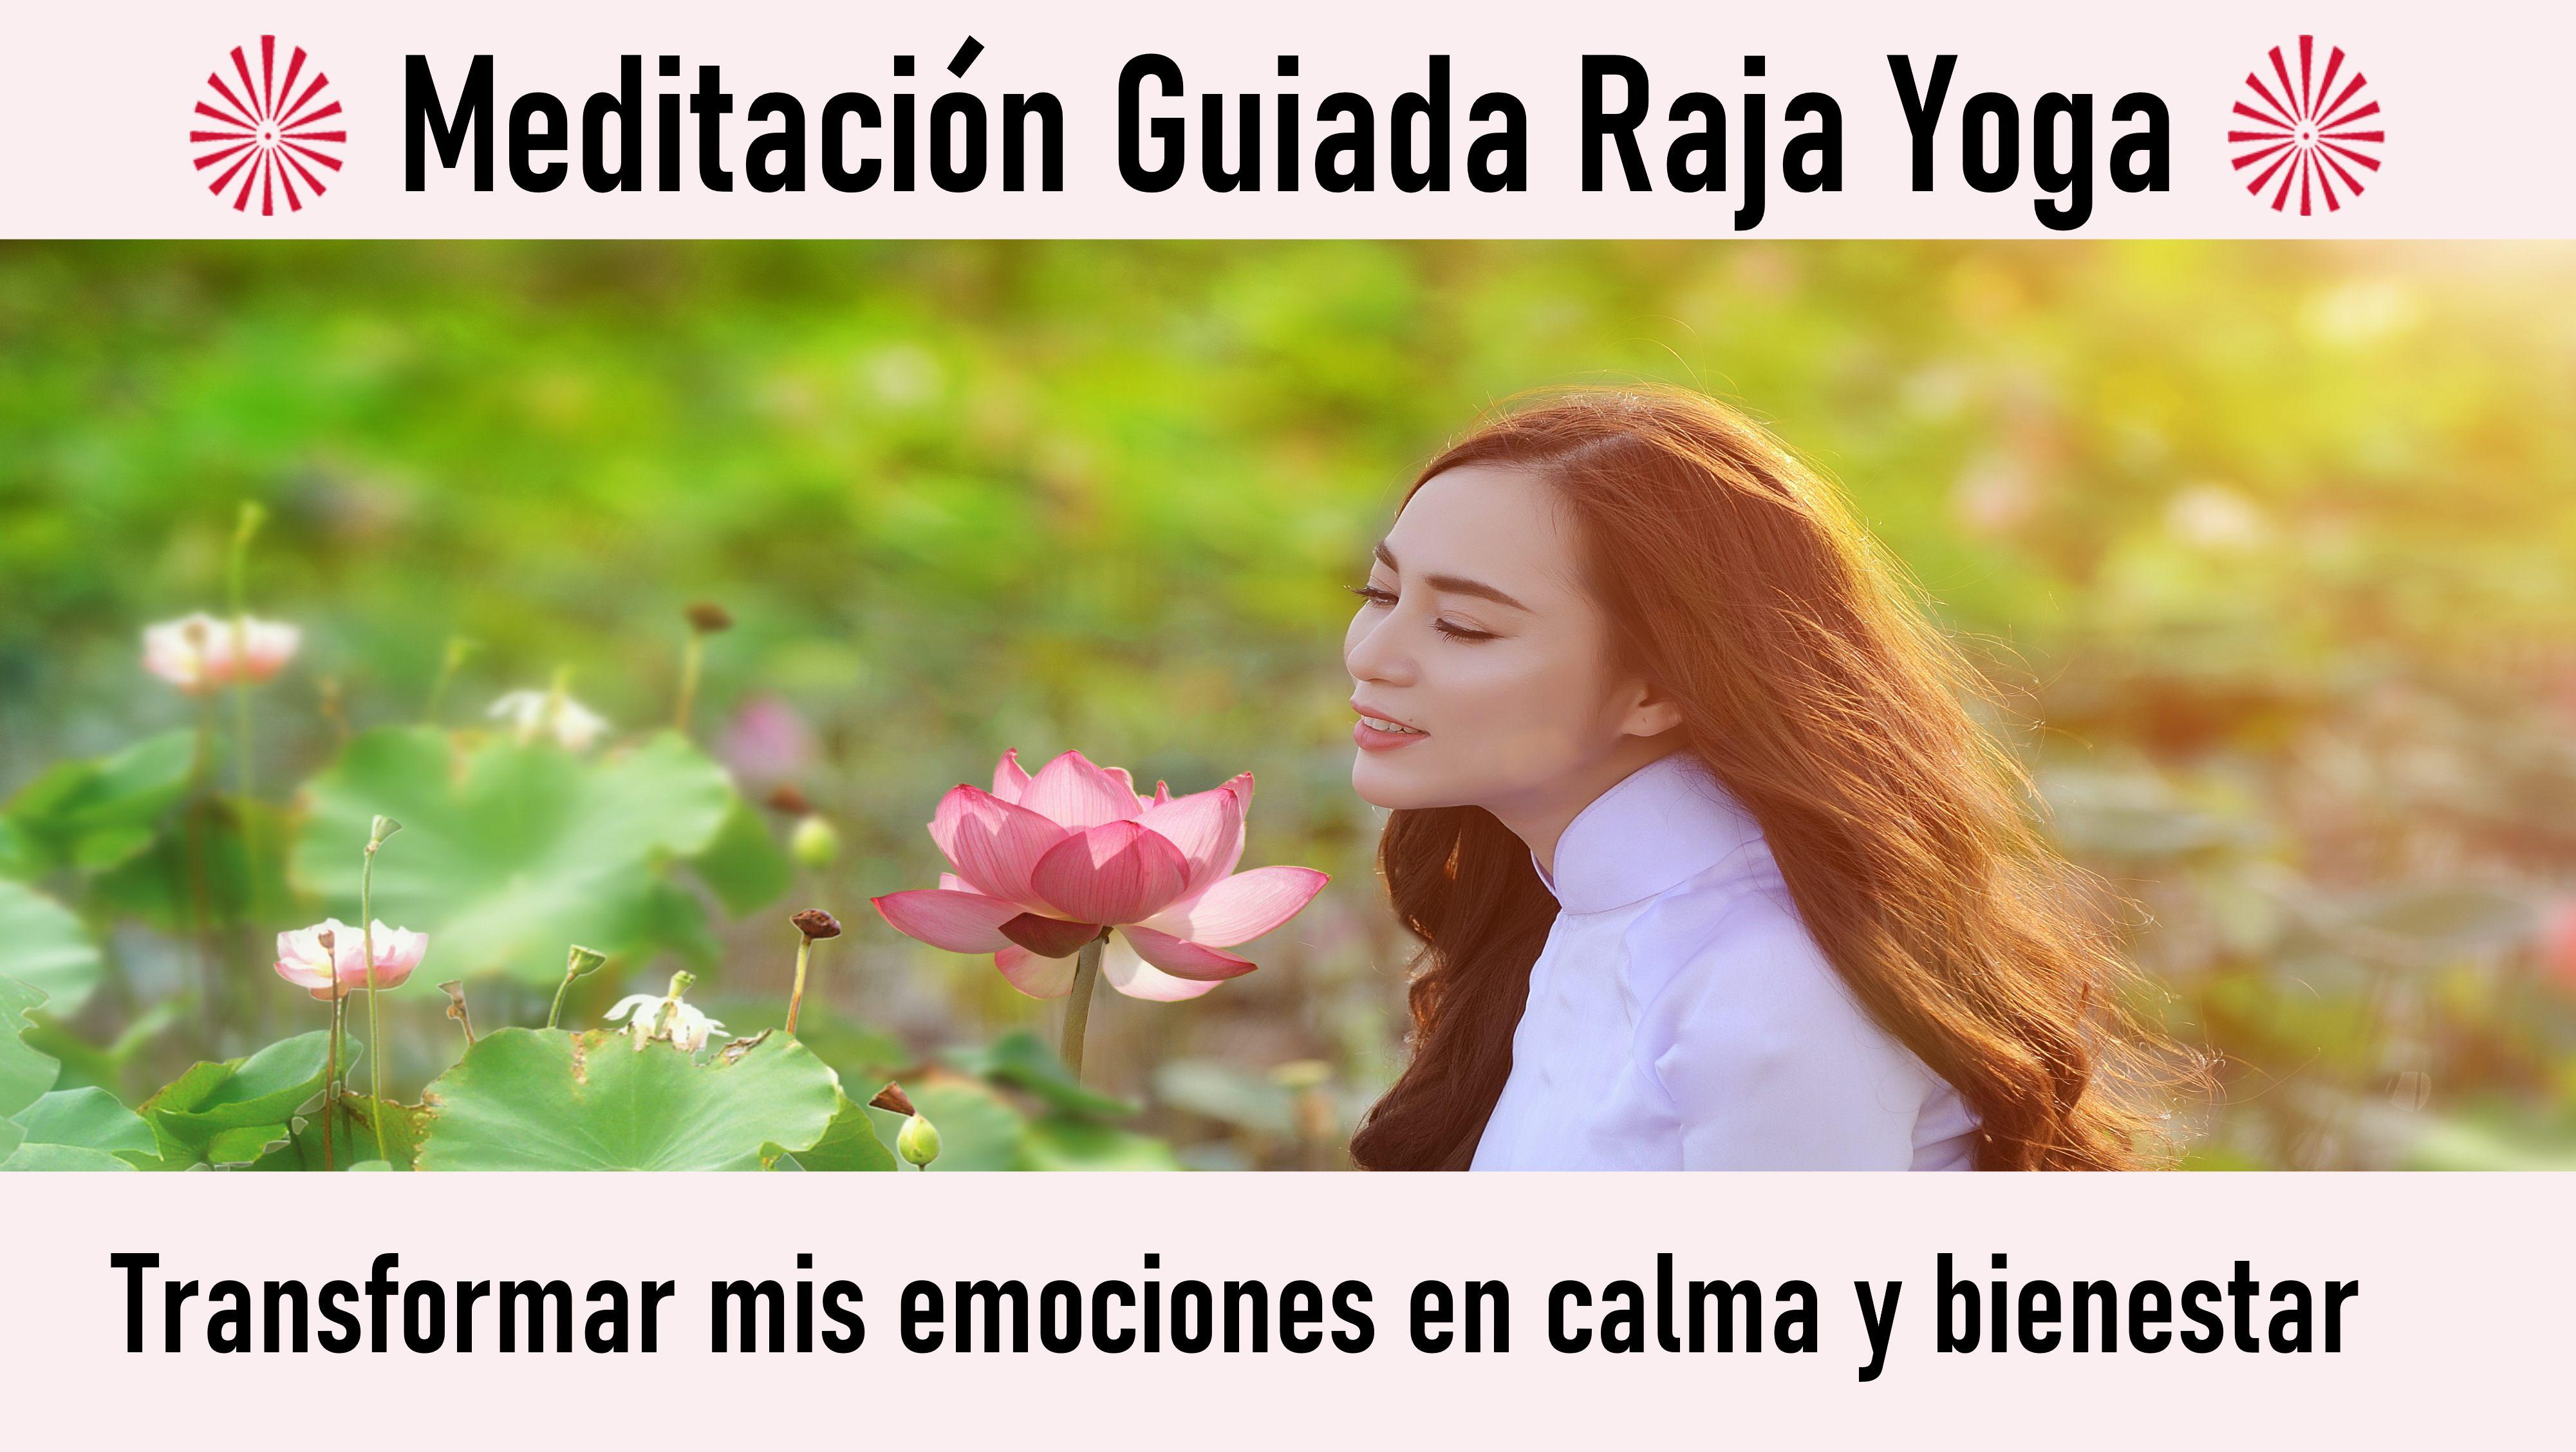 Meditación Raja Yoga: Transformar mis emociones en calma y bienestar (22 Septiembre 2020) On-line desde Barcelona